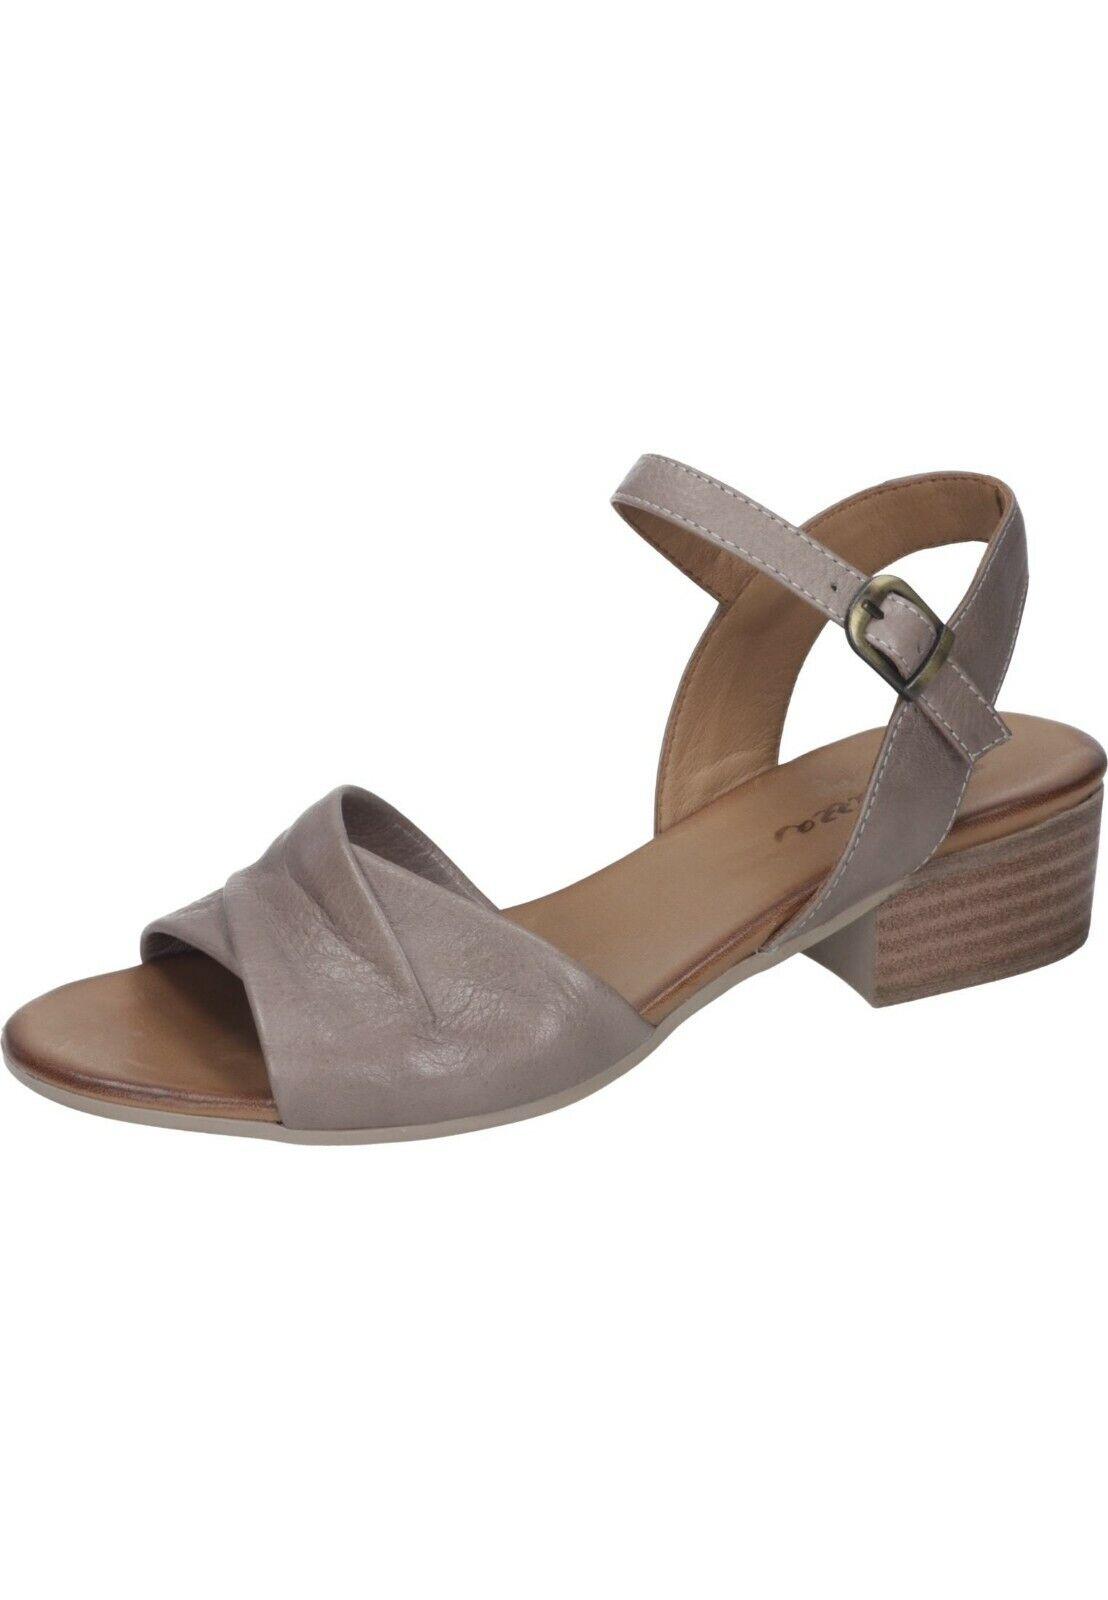 Piazza Sandalen Leder Sandaletten Sommer Damenschuhe taupe 36 - 42 910853-8 Neu1